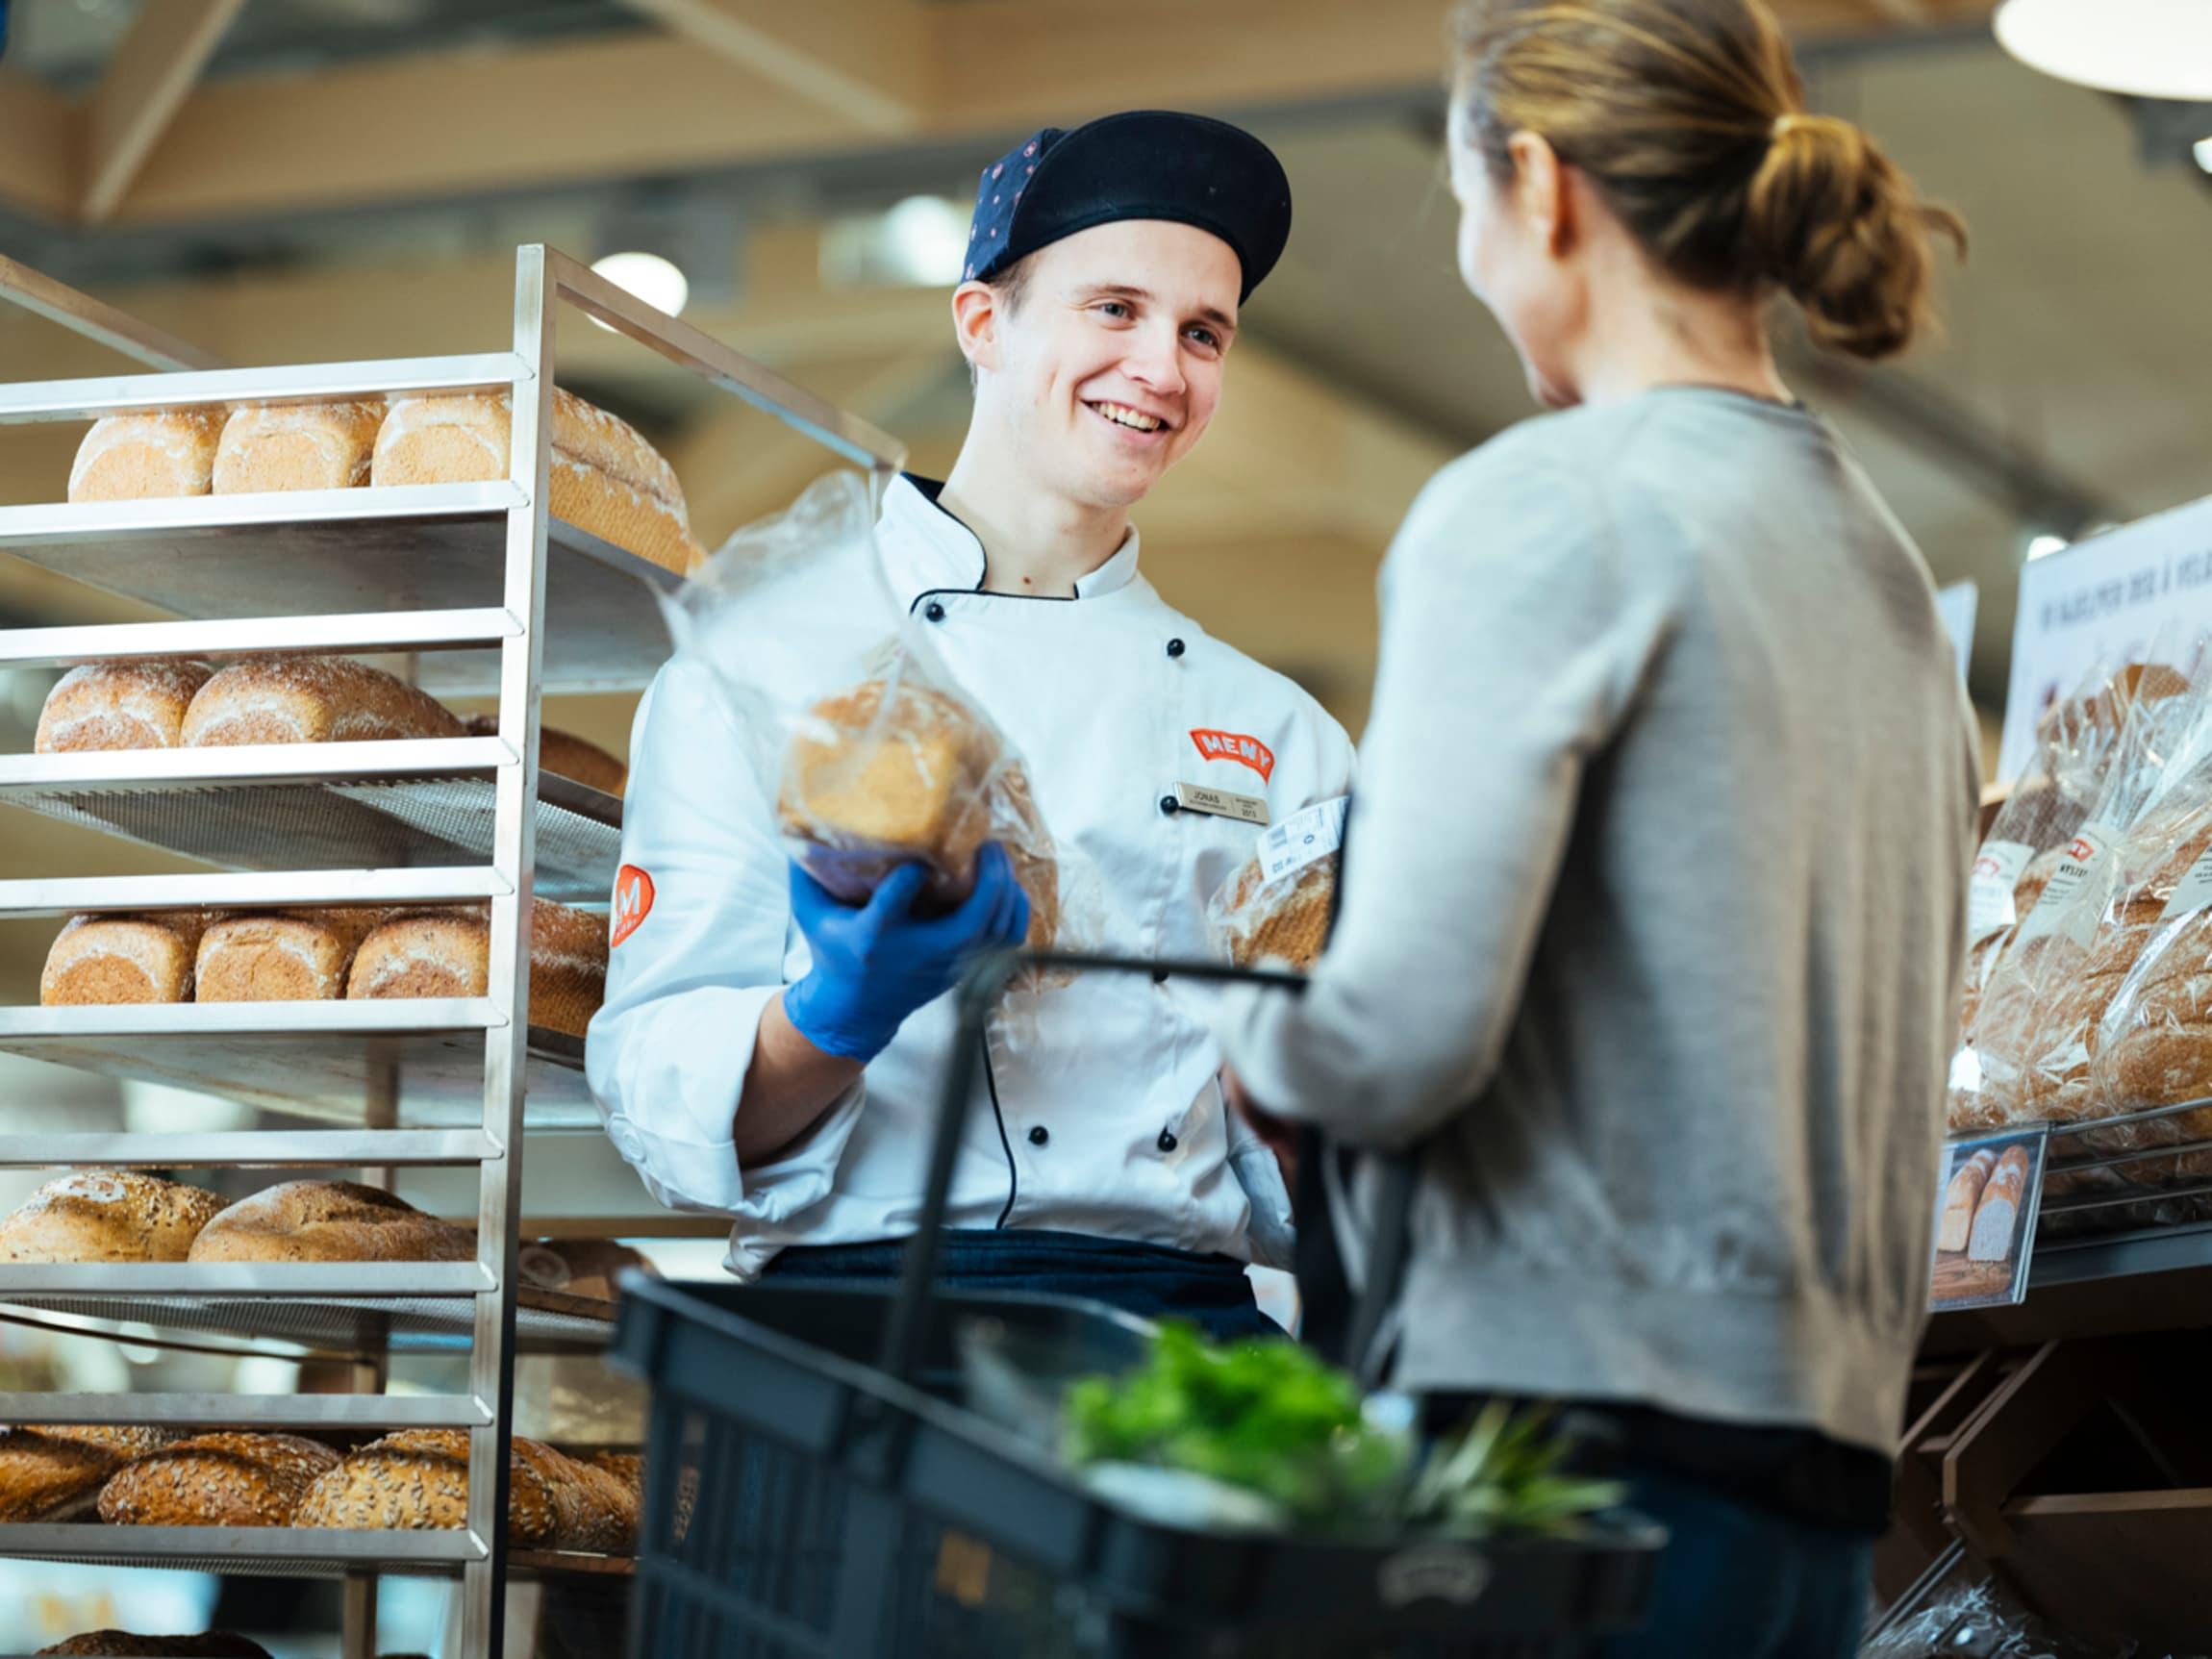 Du finner et stort utvalg av nystekte grove brødsorter og tydelig grovhetsmerking for å hjelpe deg til å velge sunnere.